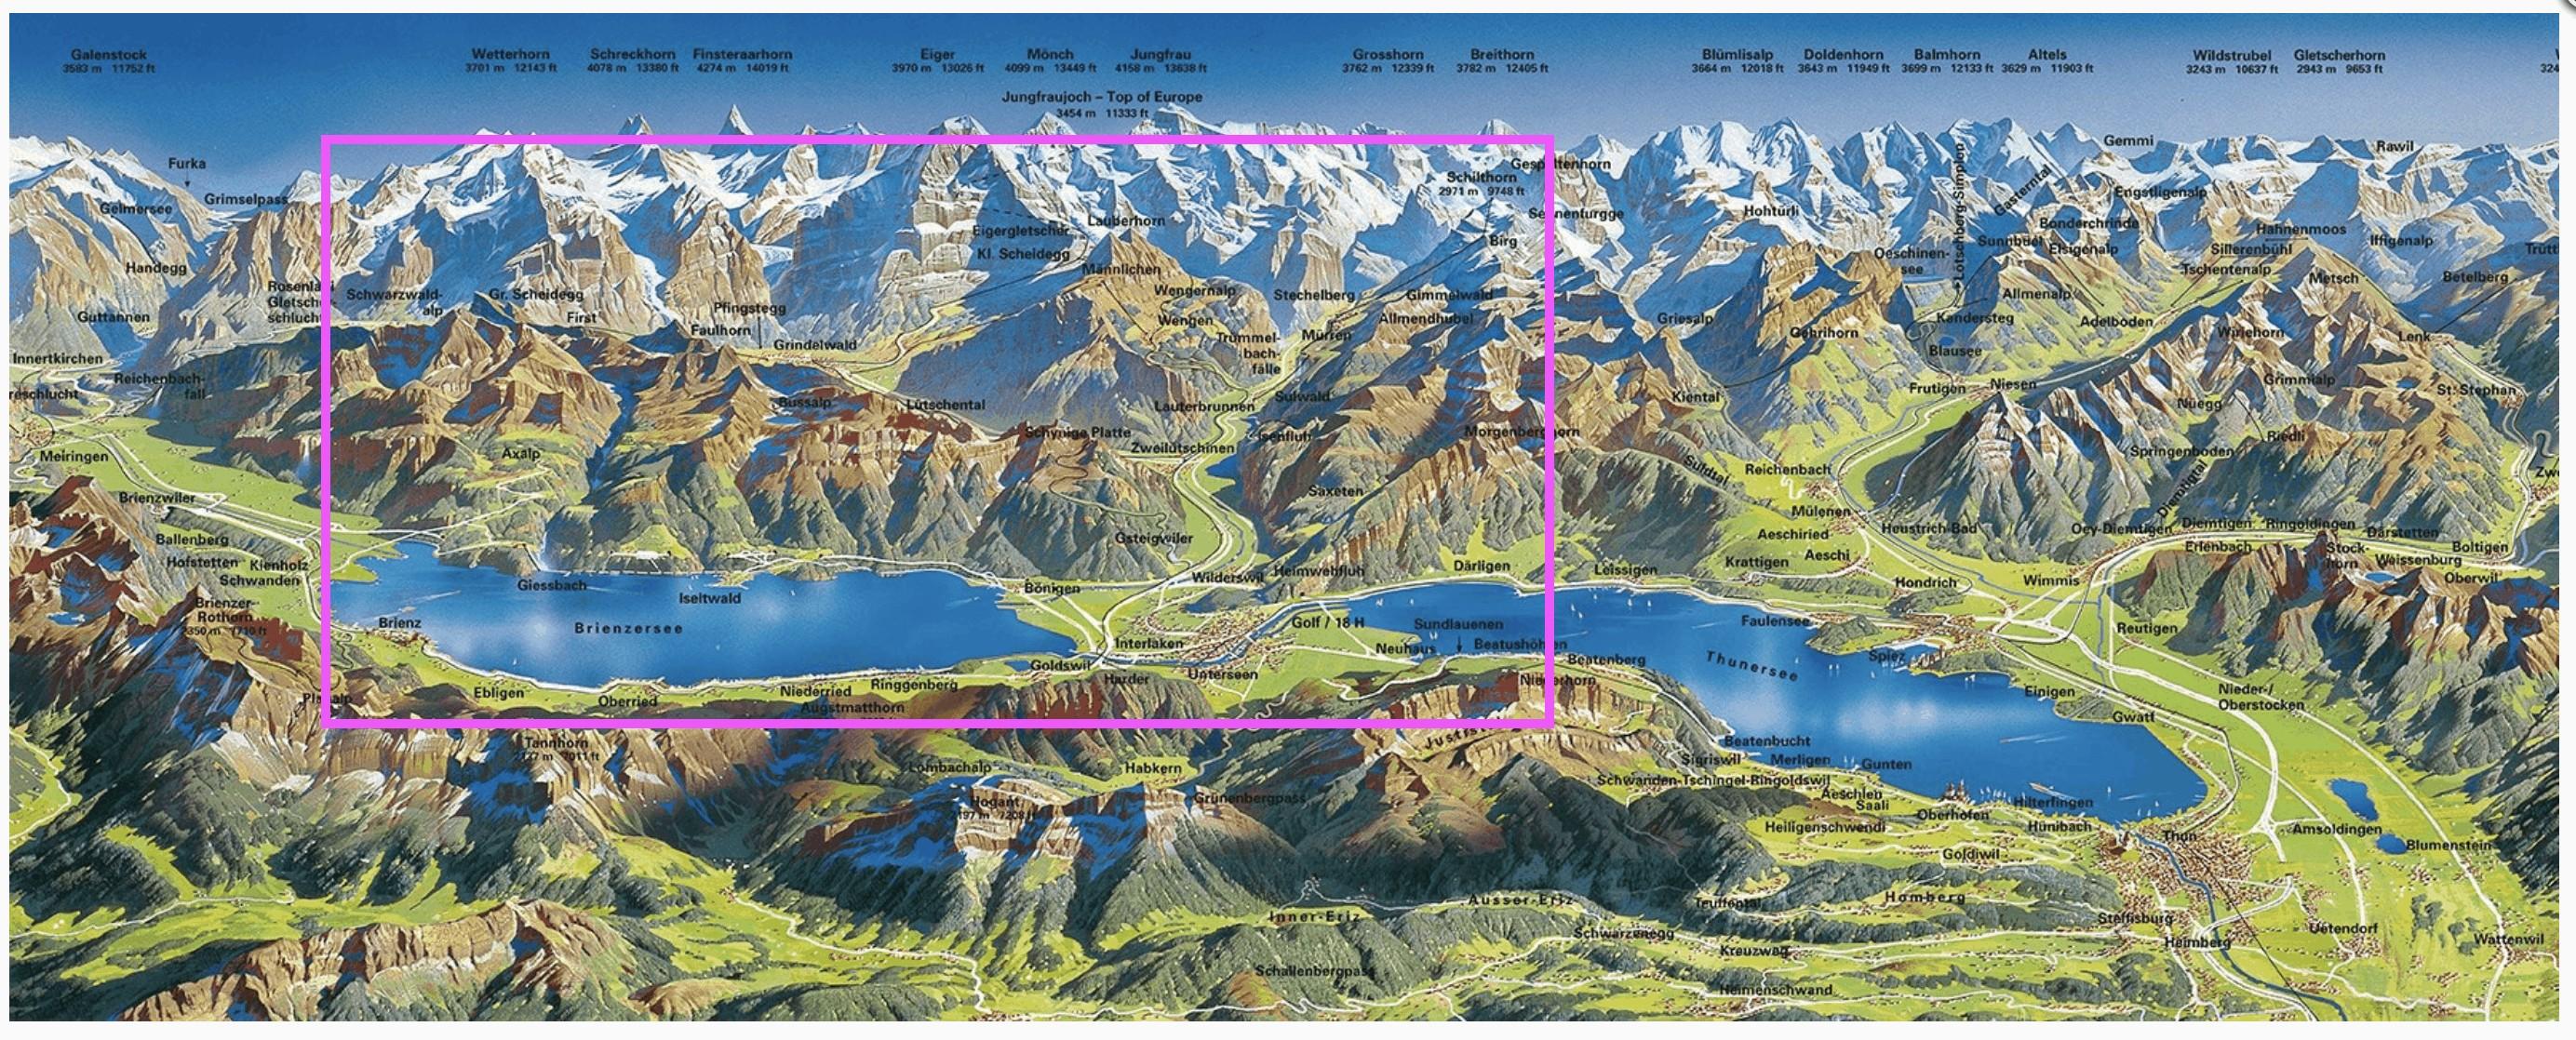 Bernese Oberland Jungfrau Region